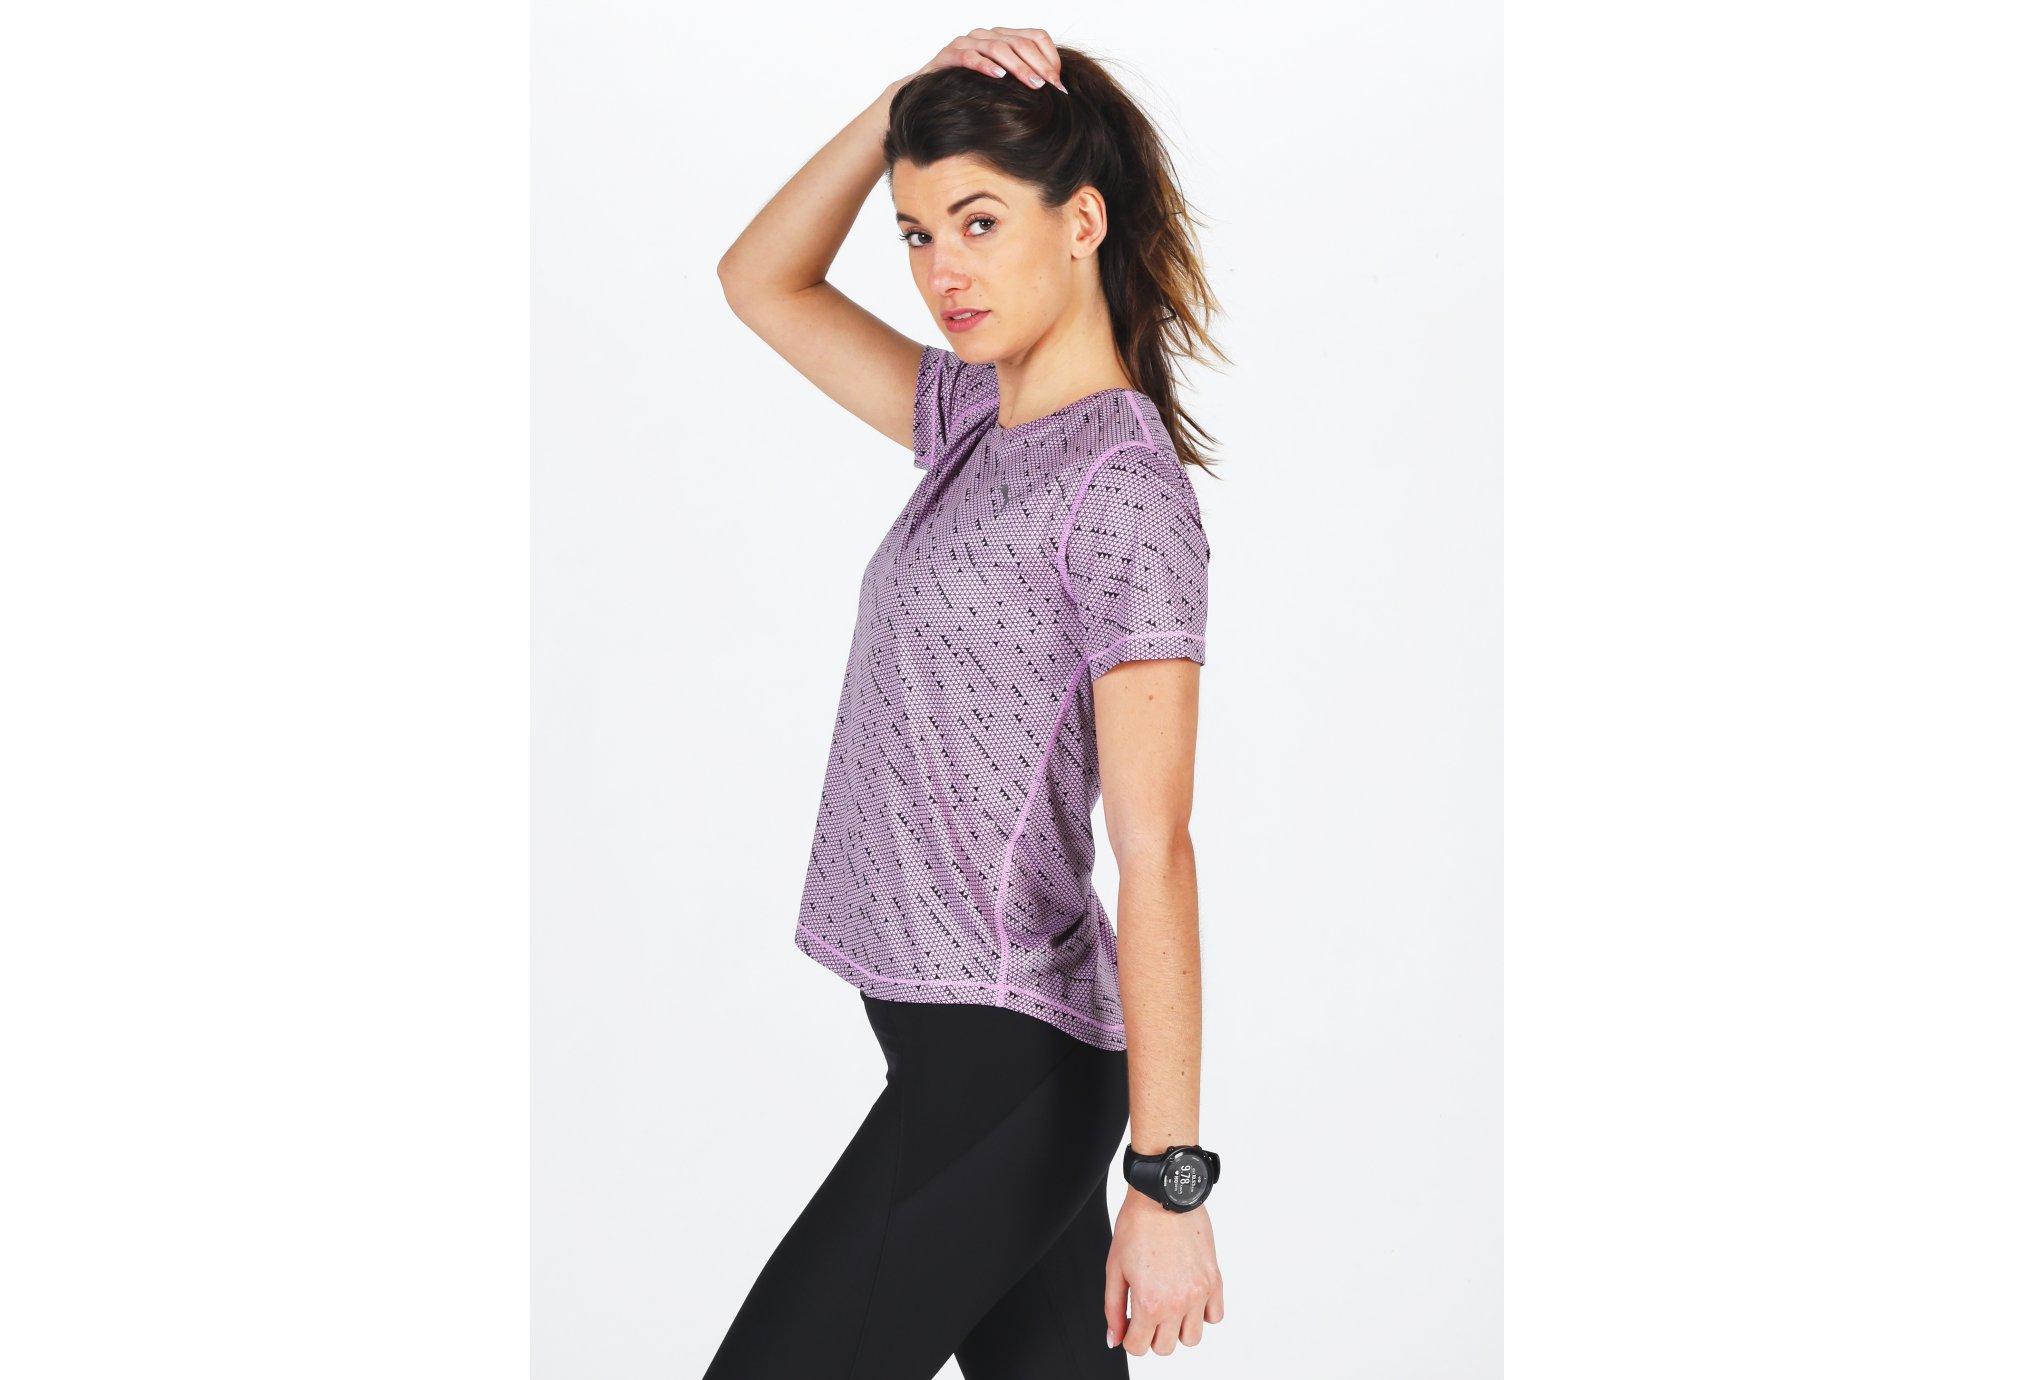 Puma S/S Ignite Graphic W Diététique Vêtements femme